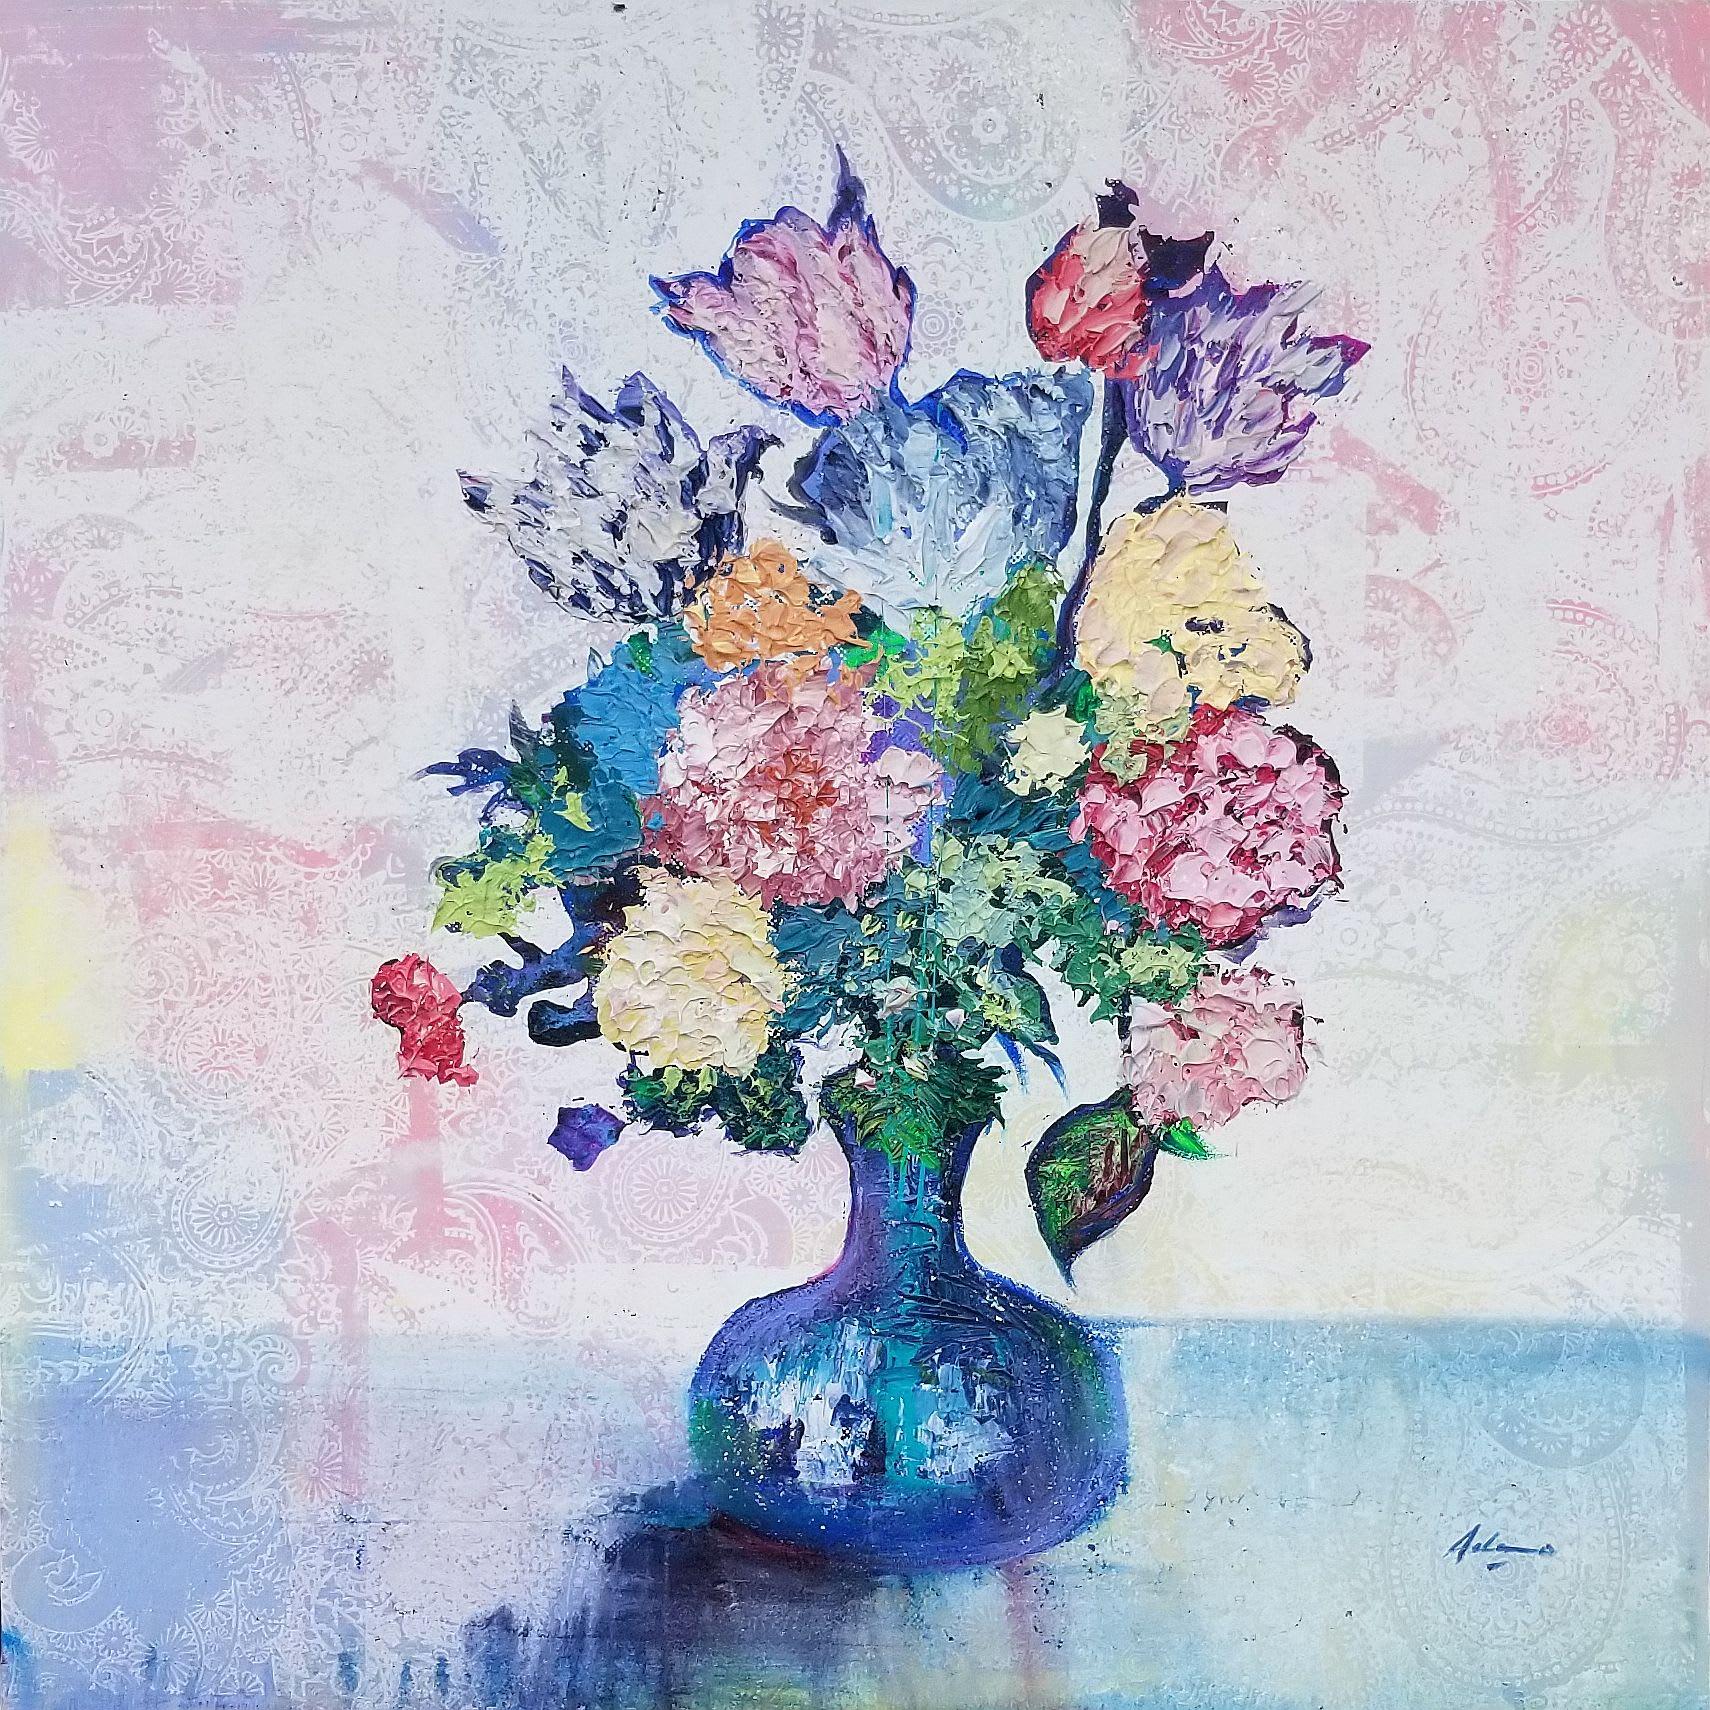 'Bel Vaso Series 1' by Pietro Adamo at Gallery 133